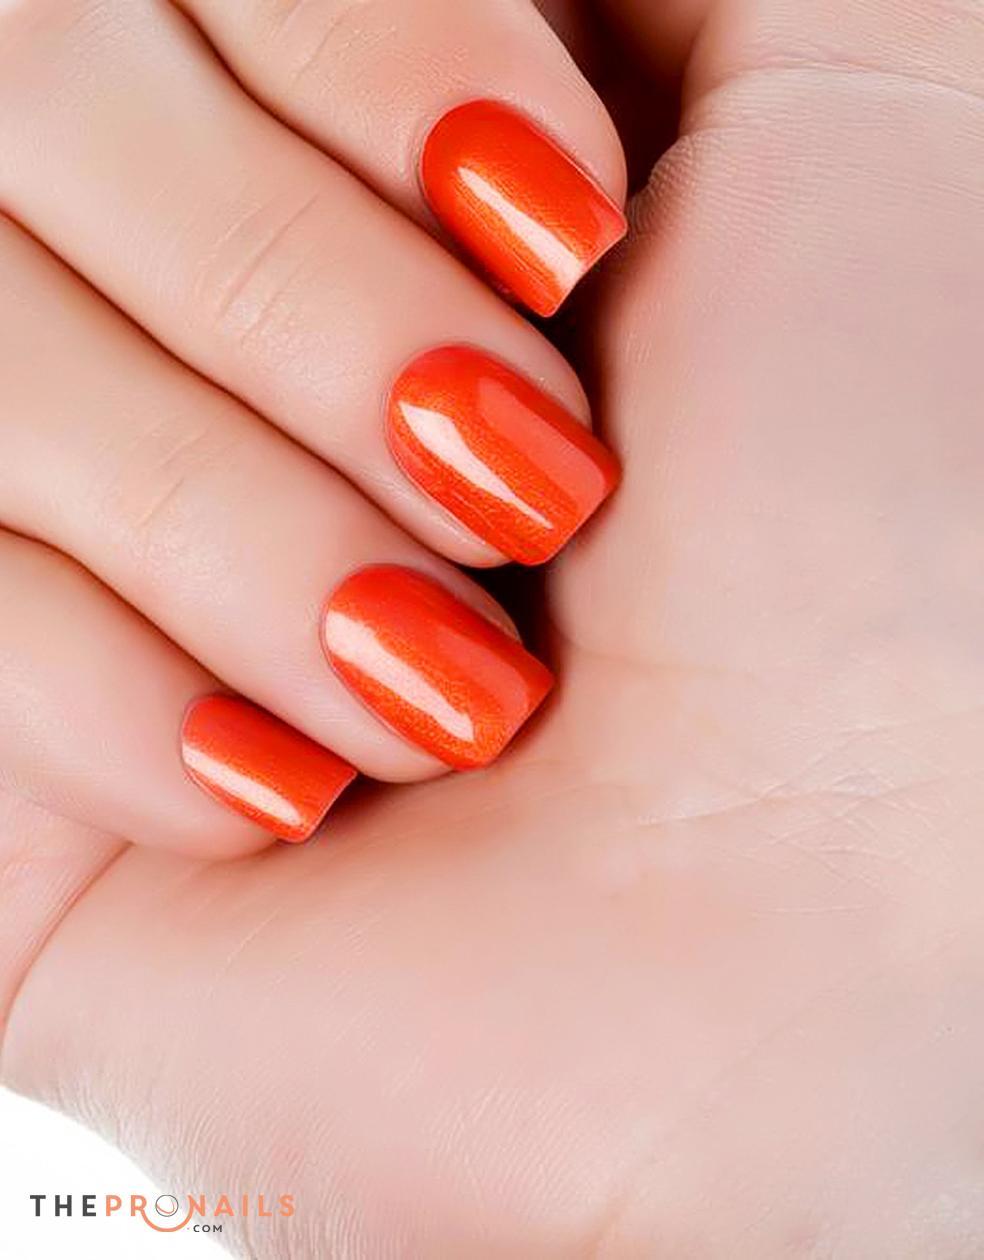 Princess Nails Peoria Dip Nails